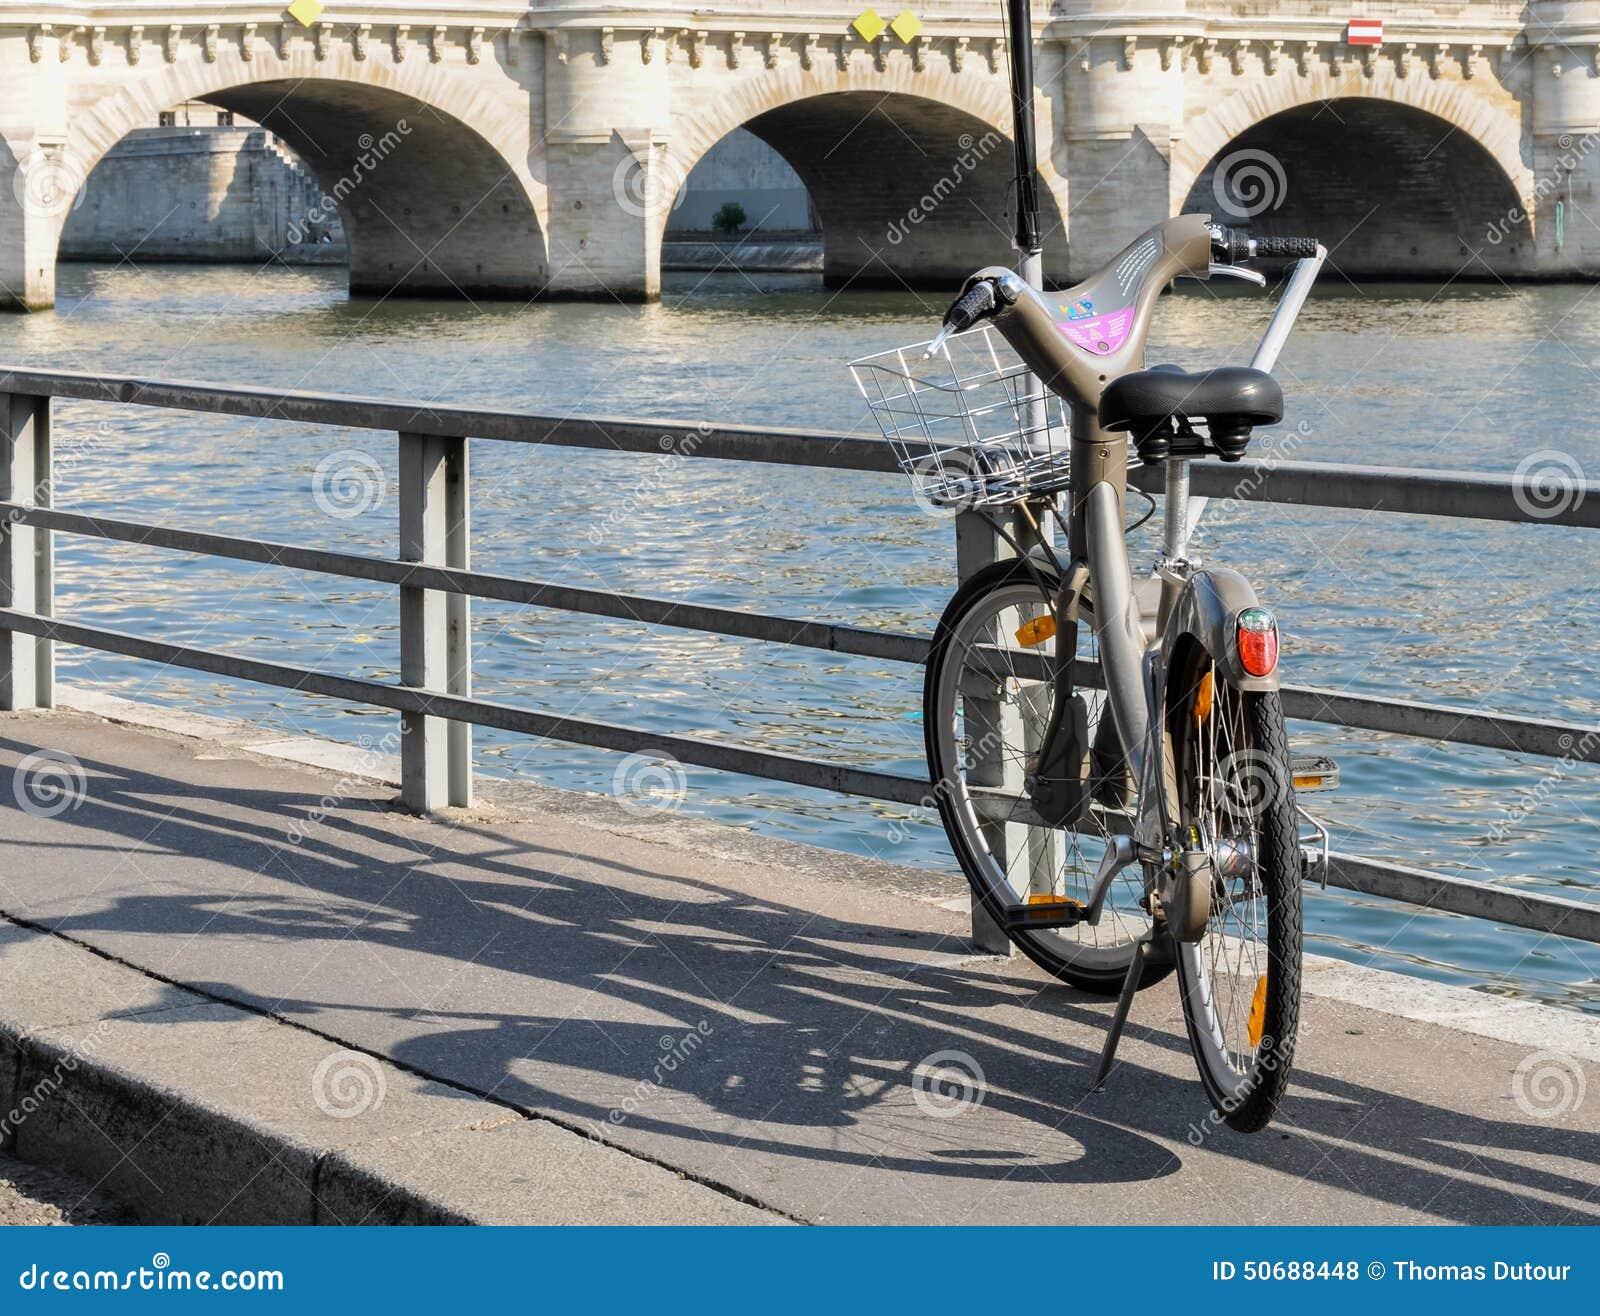 Download Velib在巴黎,法国 编辑类库存照片. 图片 包括有 通勤, 围网, 生态学, 比基尼泳装, 休闲, 聘用 - 50688448